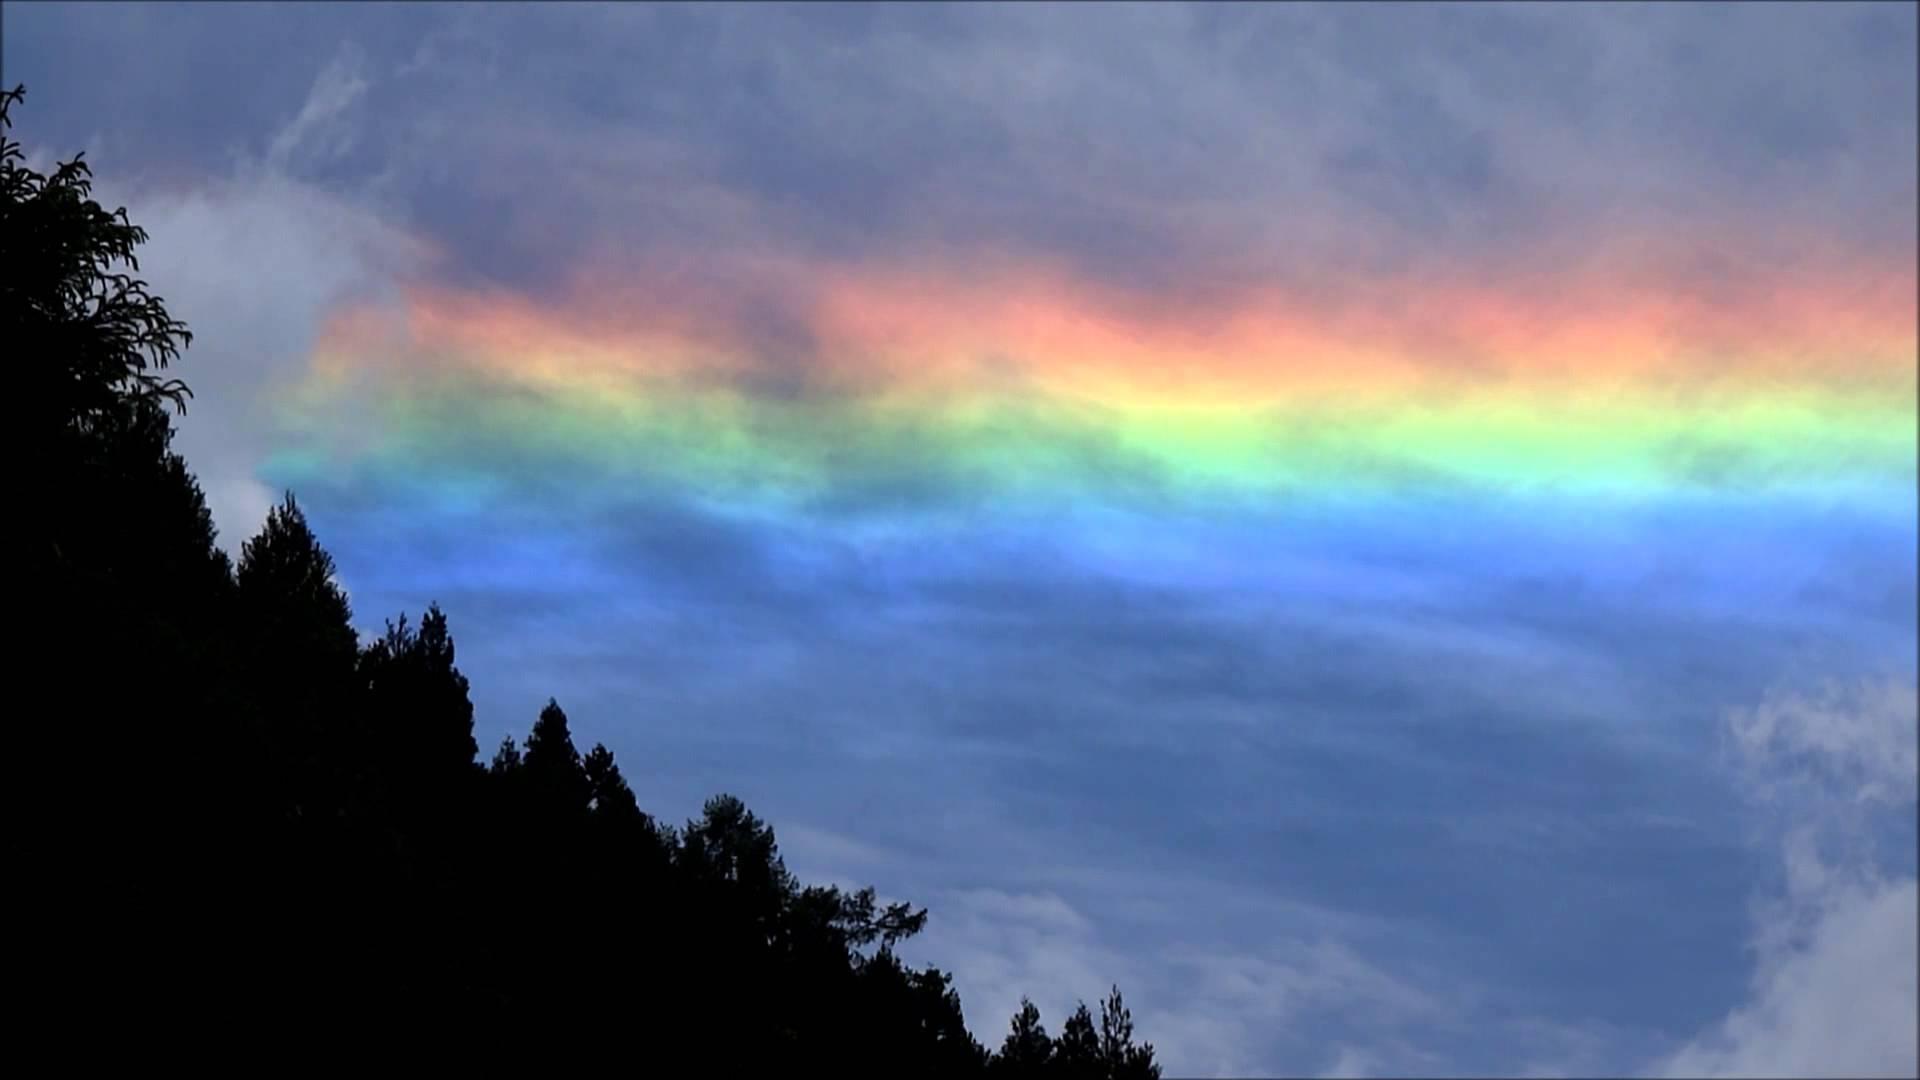 「環水平アーク(かんすいへいアーク)」とは何ですか?「水平弧(すいへいこ)」「水平環(すいへいかん)」とも呼ばれる虹色現象との事。